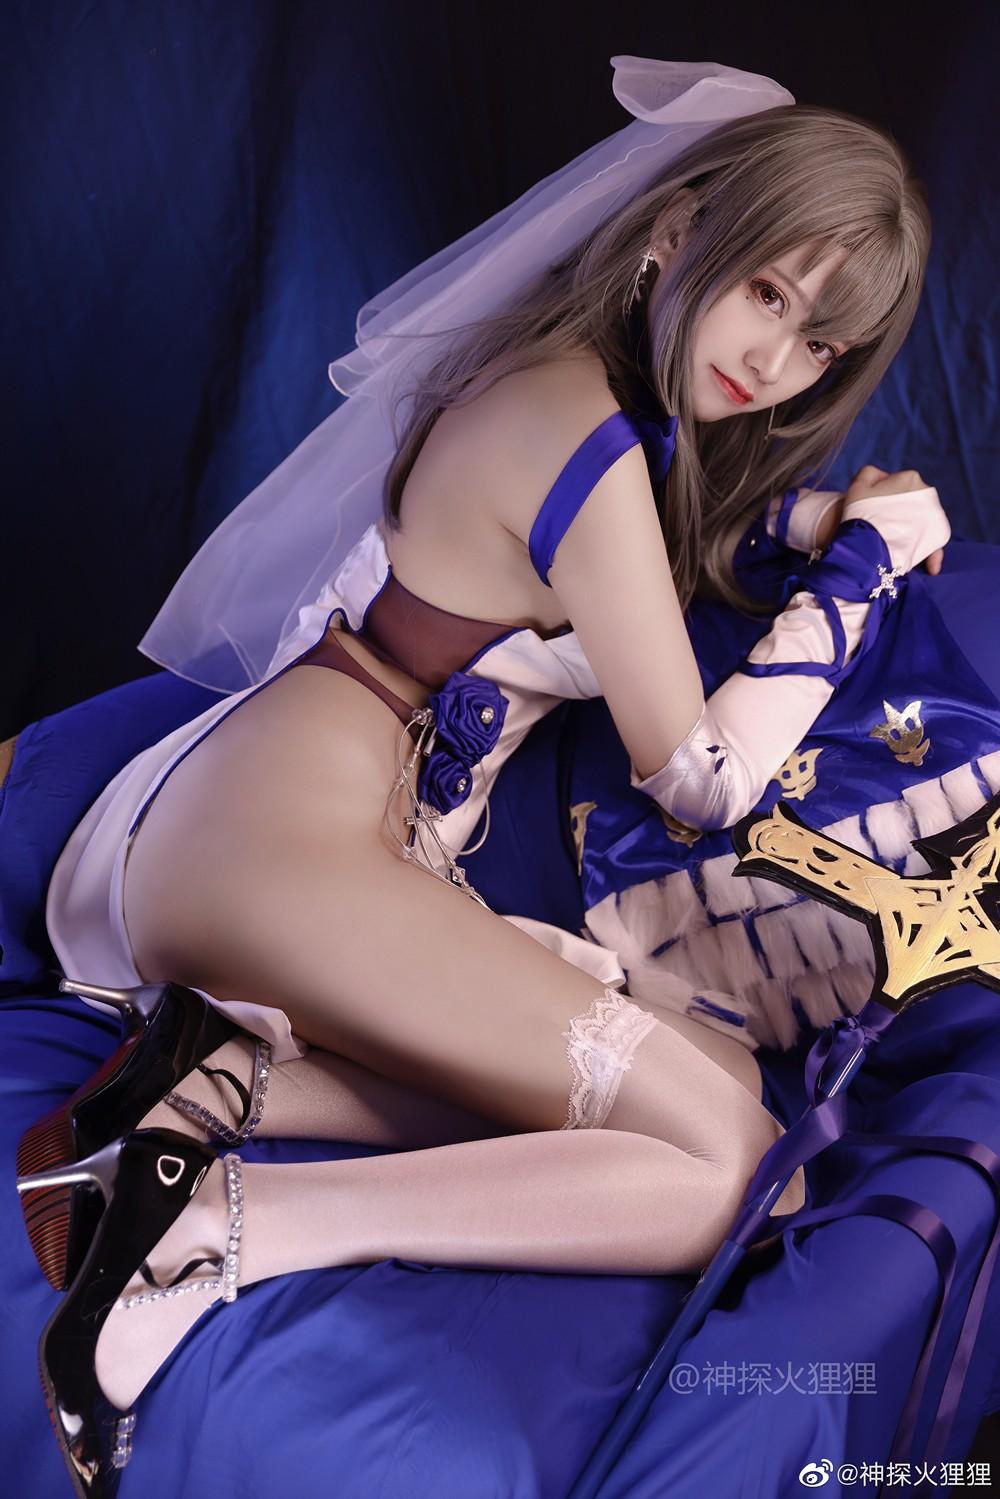 [神探火狸狸] 碧蓝航线 路易九世换装「华服的圣骑士」 -第1张